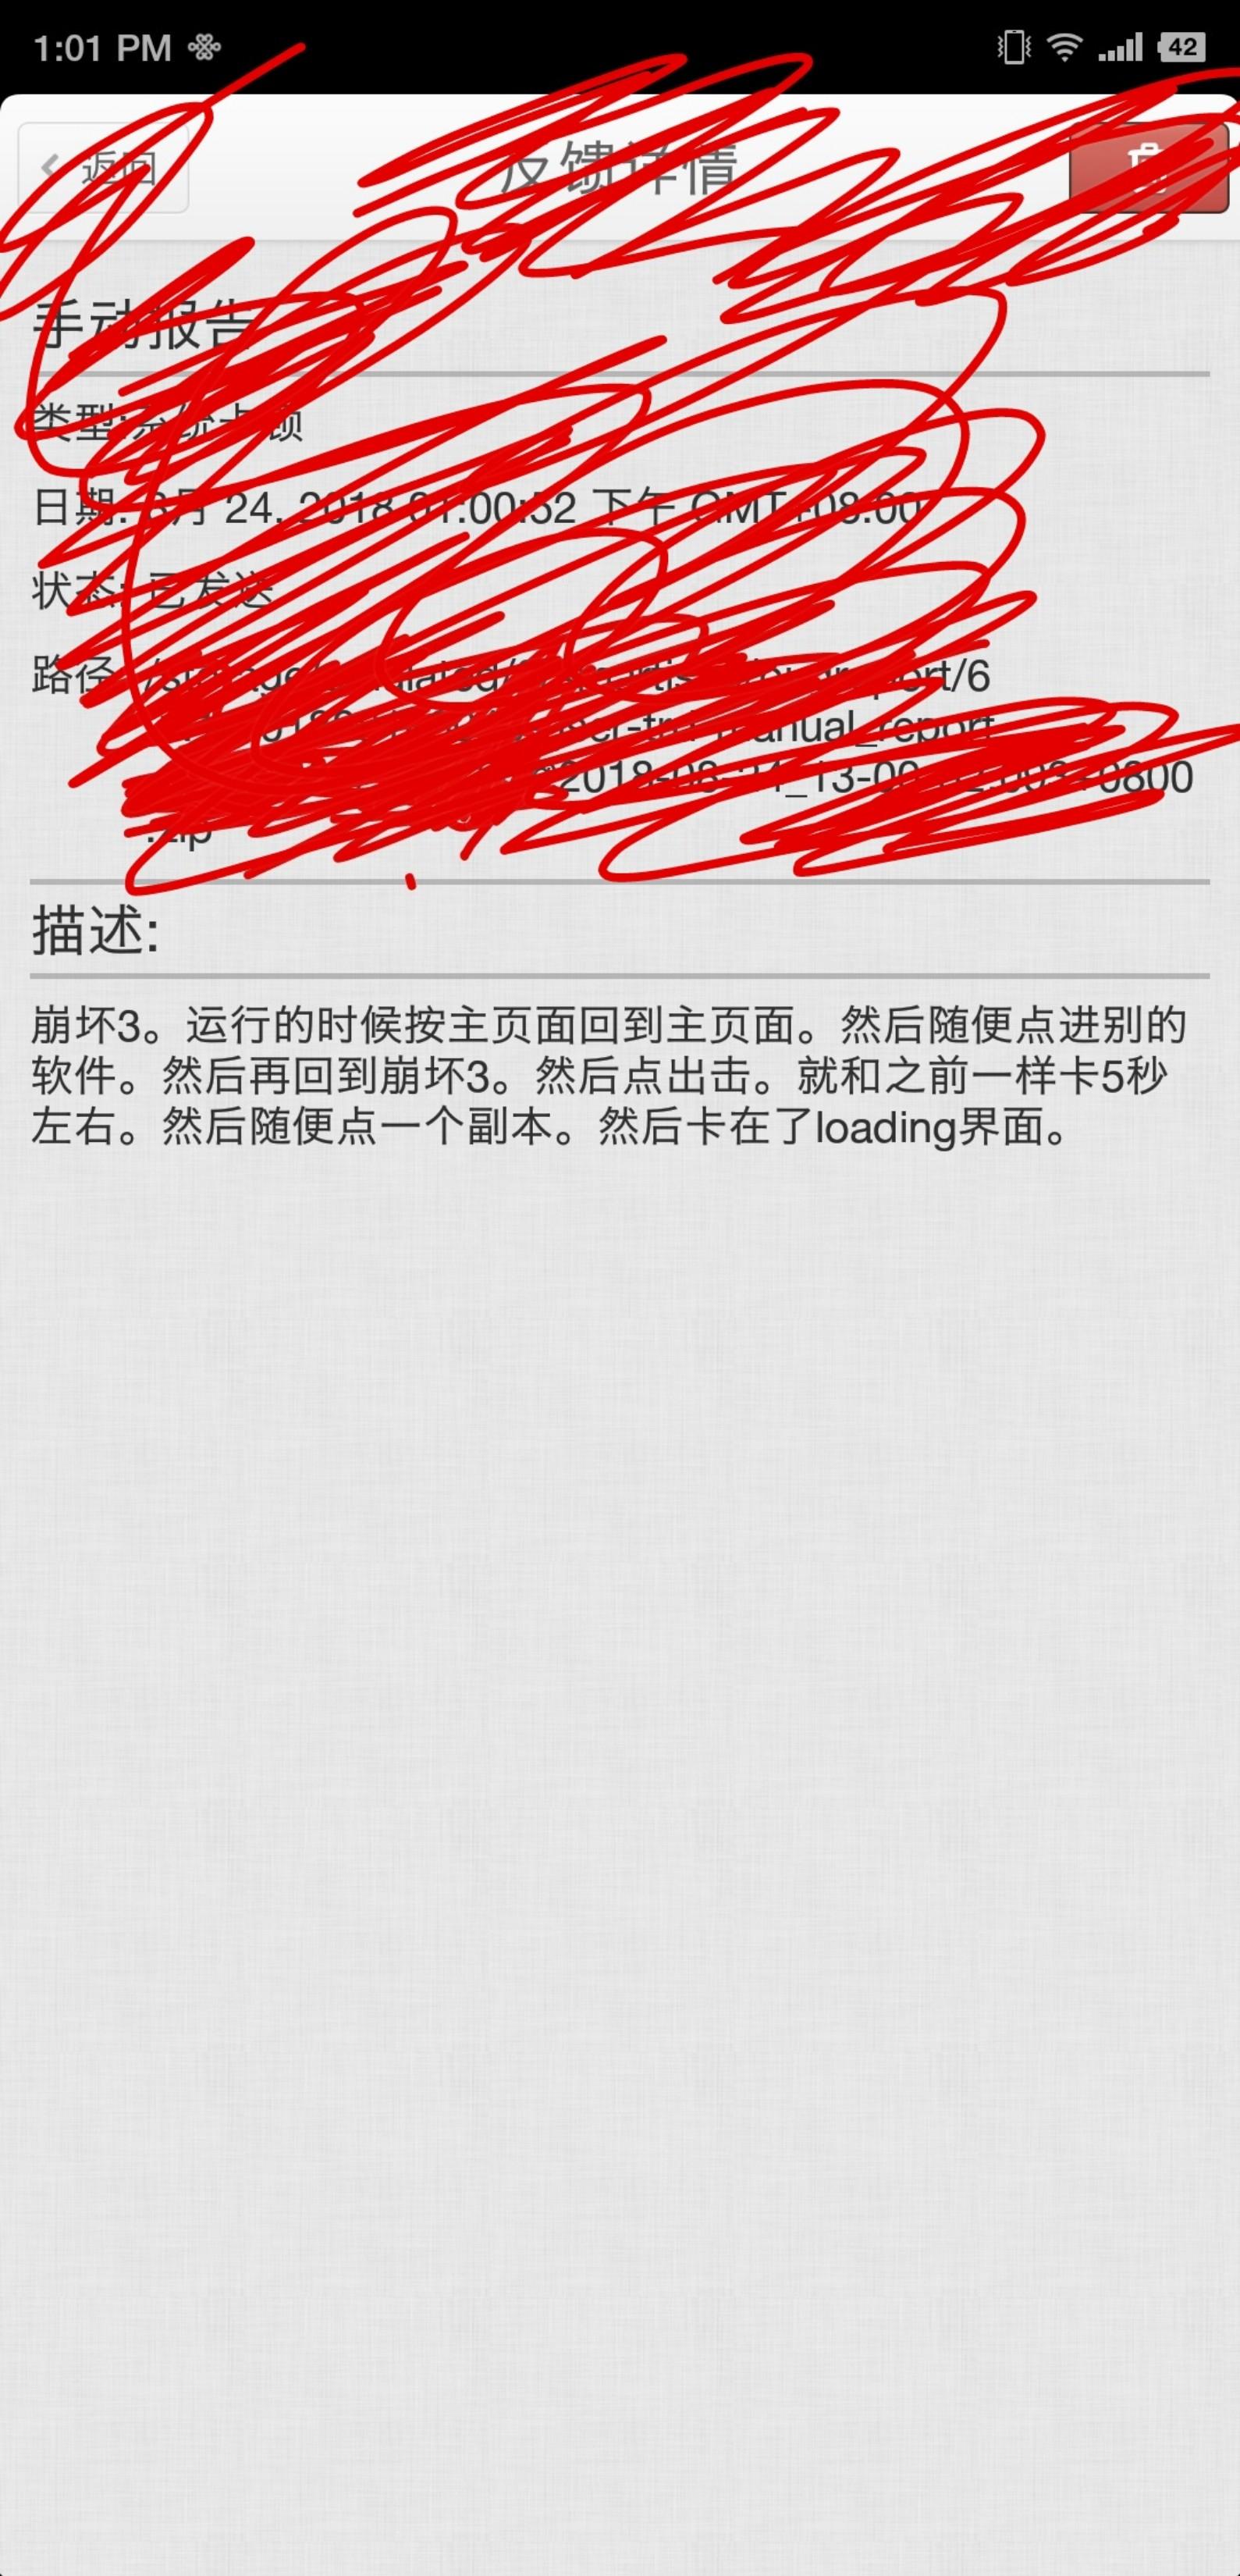 ??_Screenshot_2018-08-24-13-01-22-463_????_1.jpg